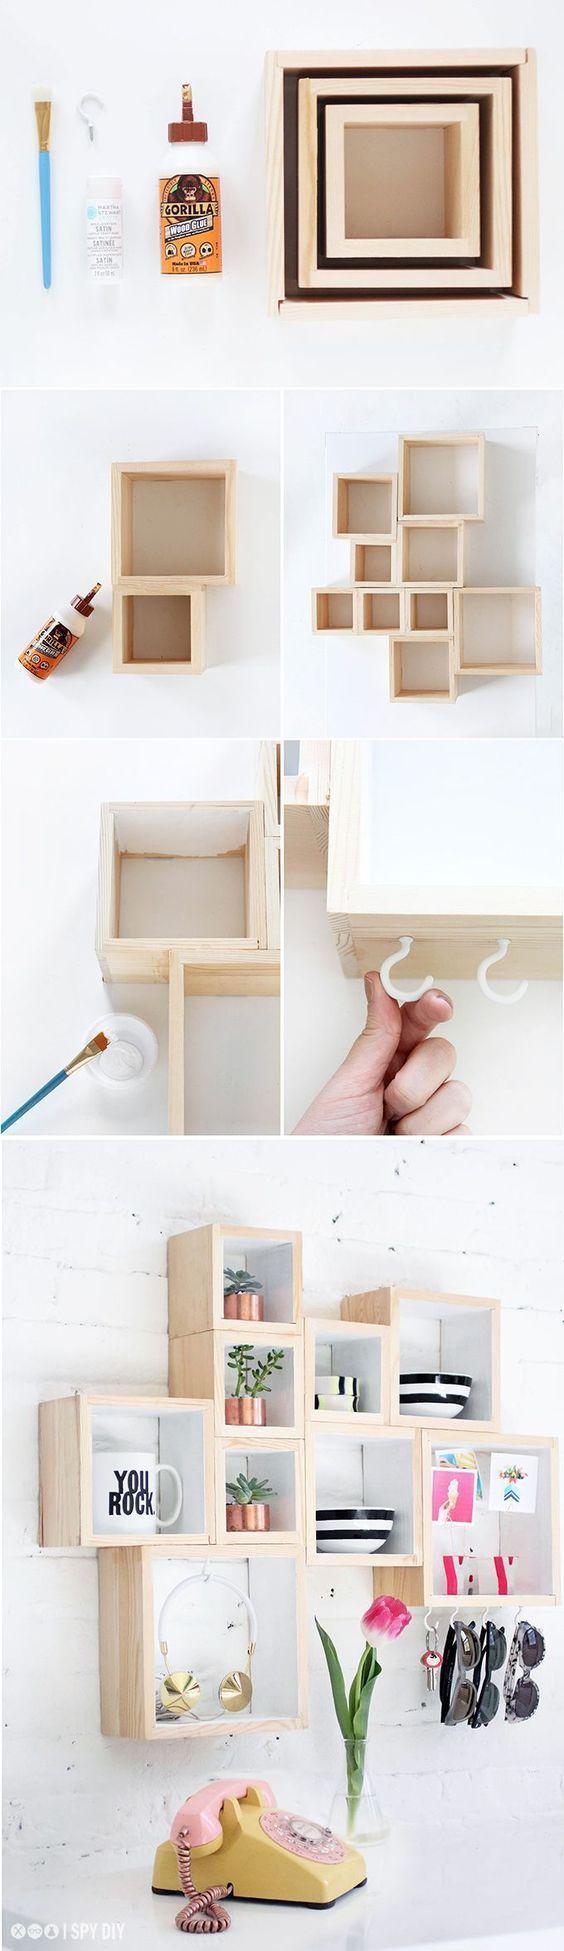 repisas para casas pequenas (1)